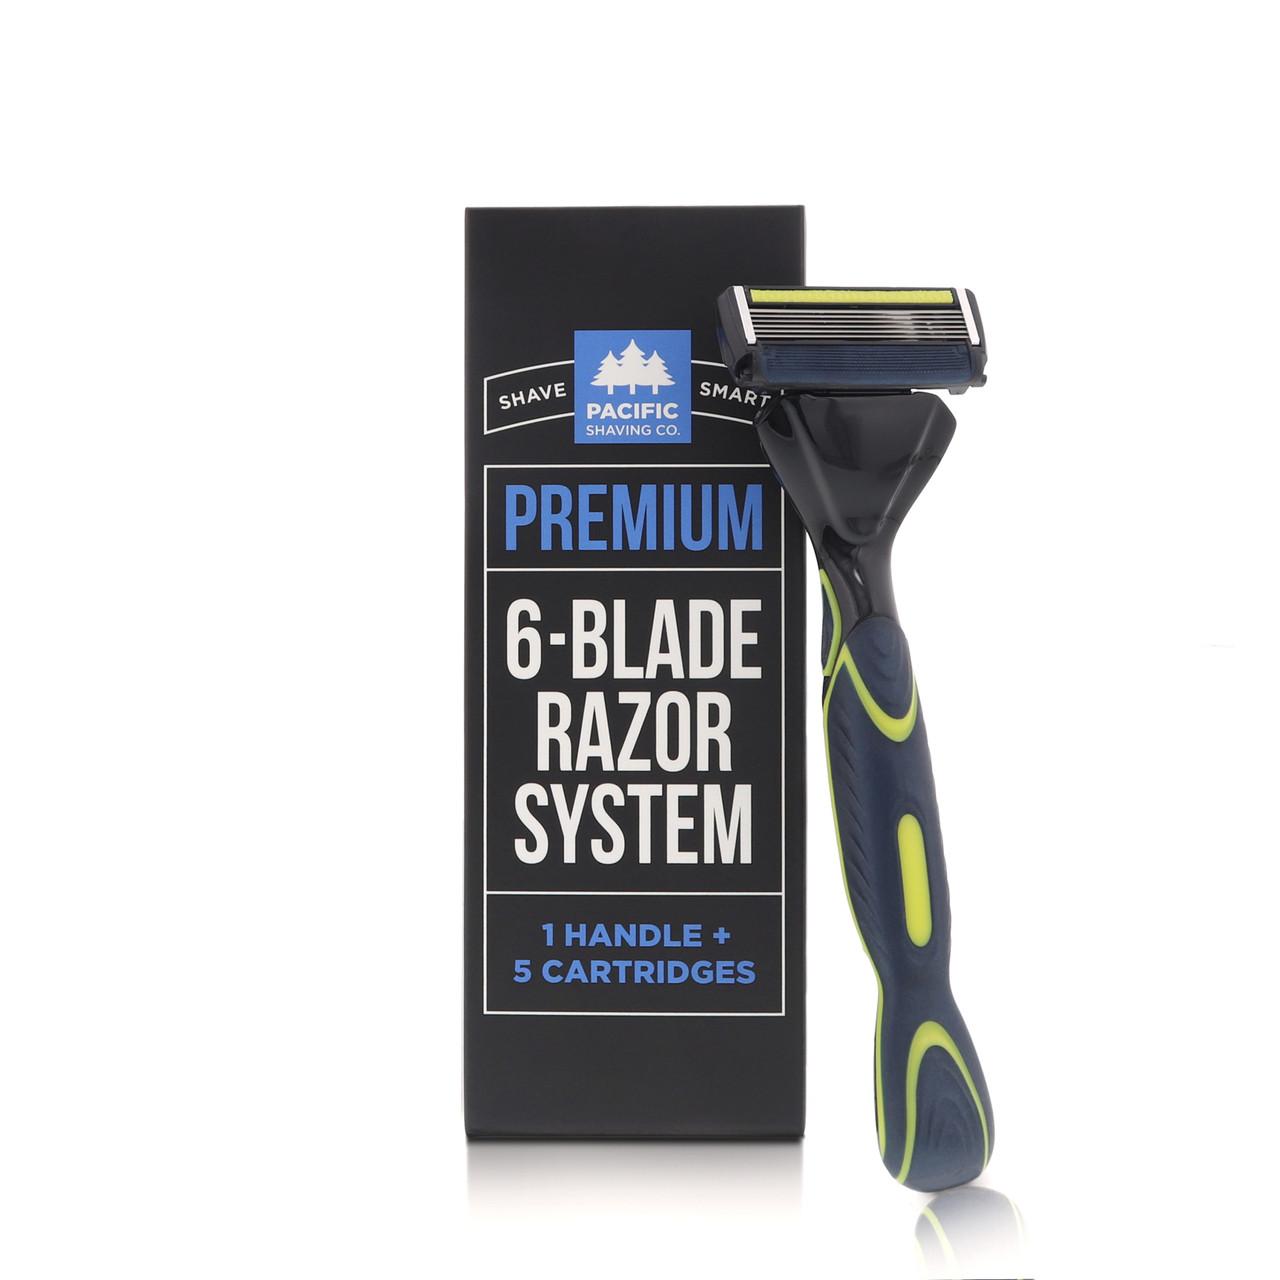 Premium 6-Blade Razor System